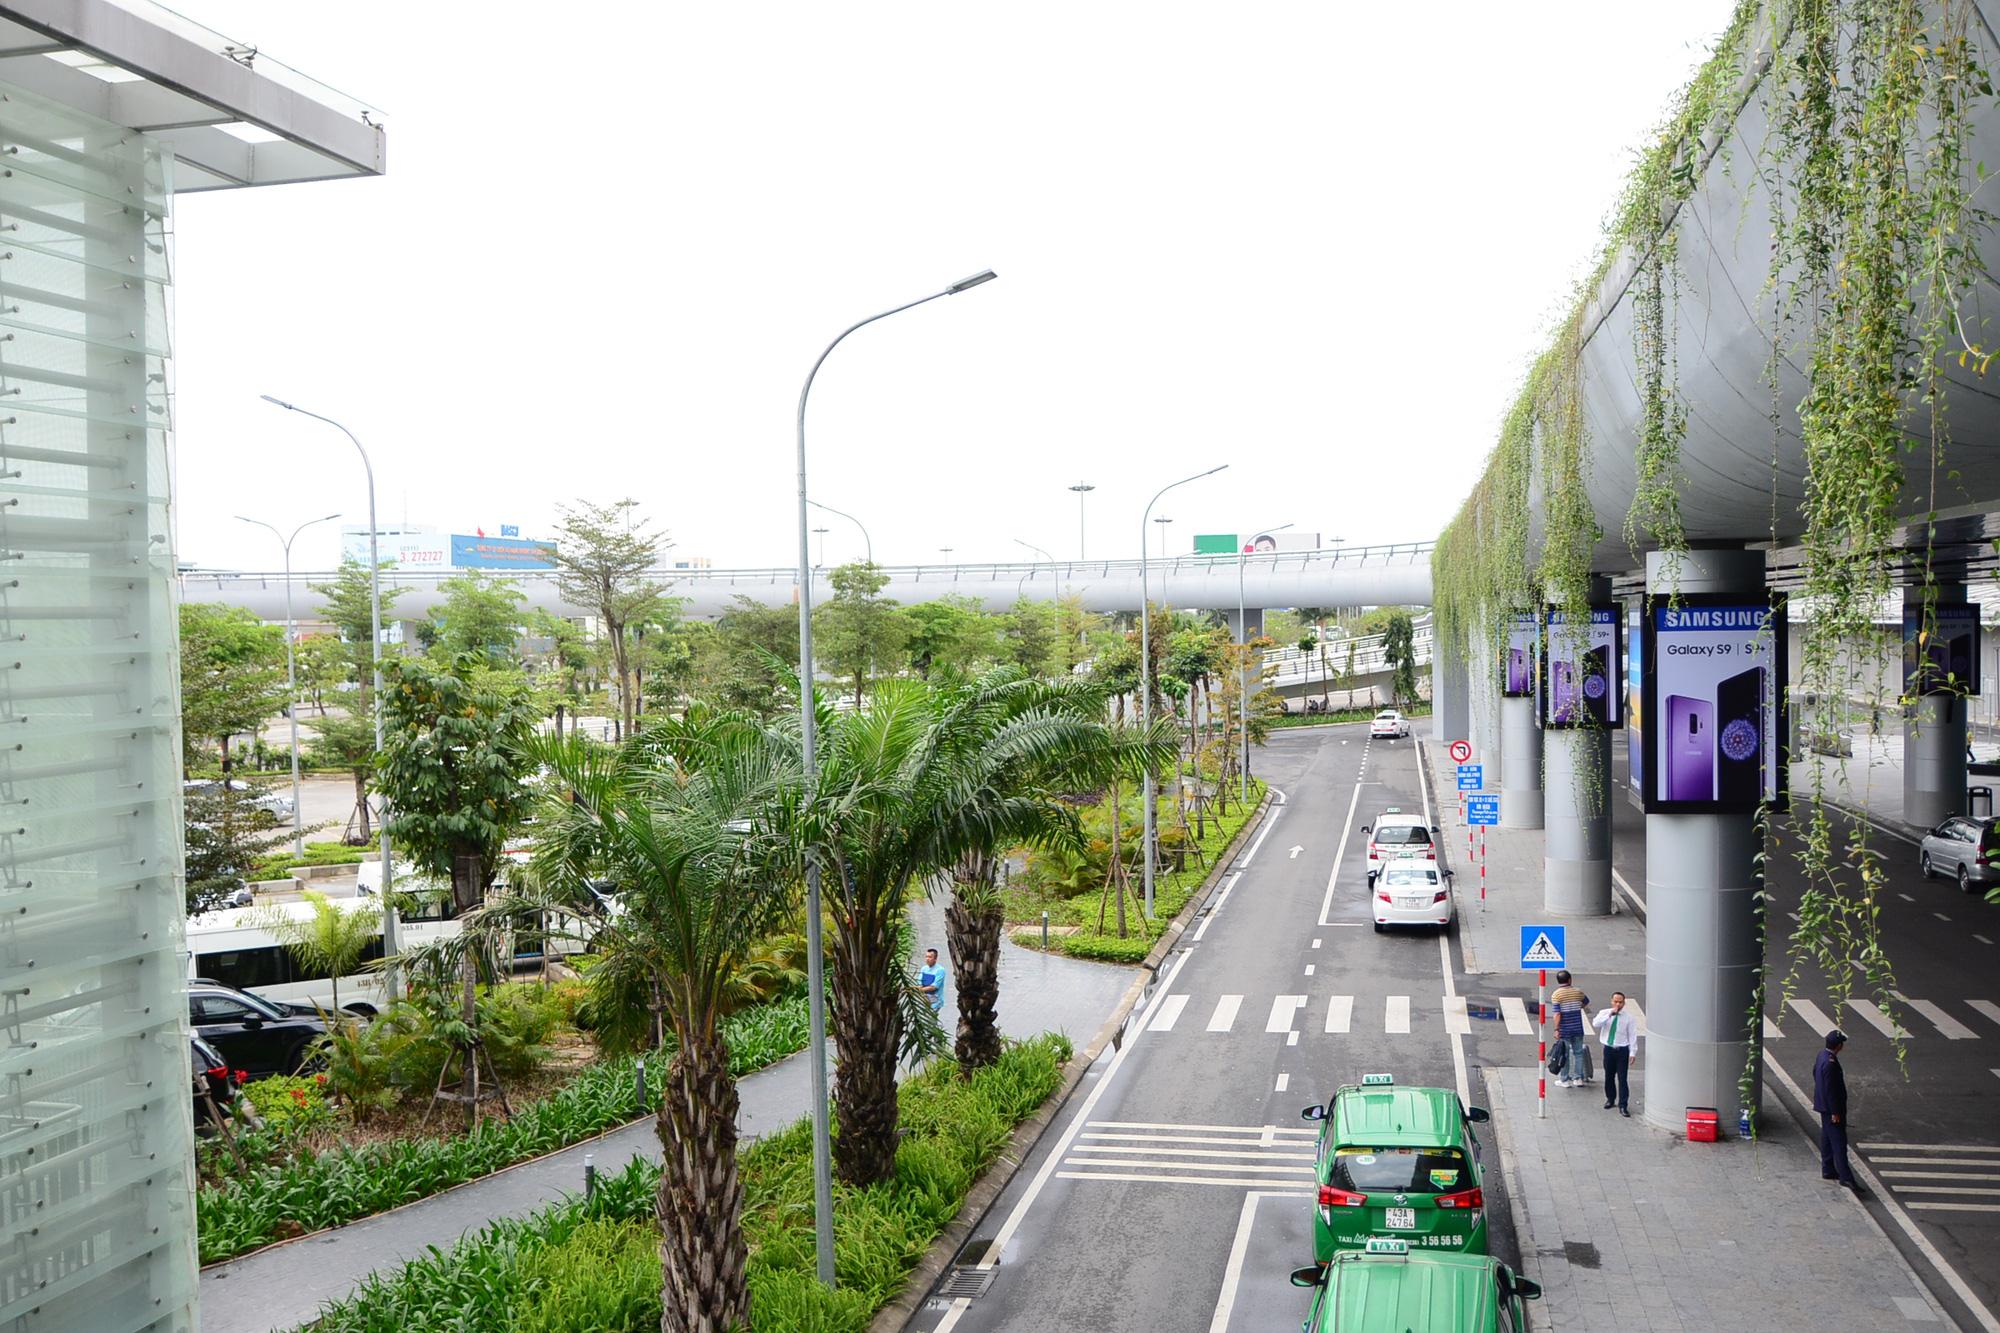 Đánh giá các cảng hàng không lớn như Nội Bài, Cát Bi, Đà Nẵng, Long Thành...để có định hướng dự trữ đất đai phục vụ phát triển - Ảnh 1.